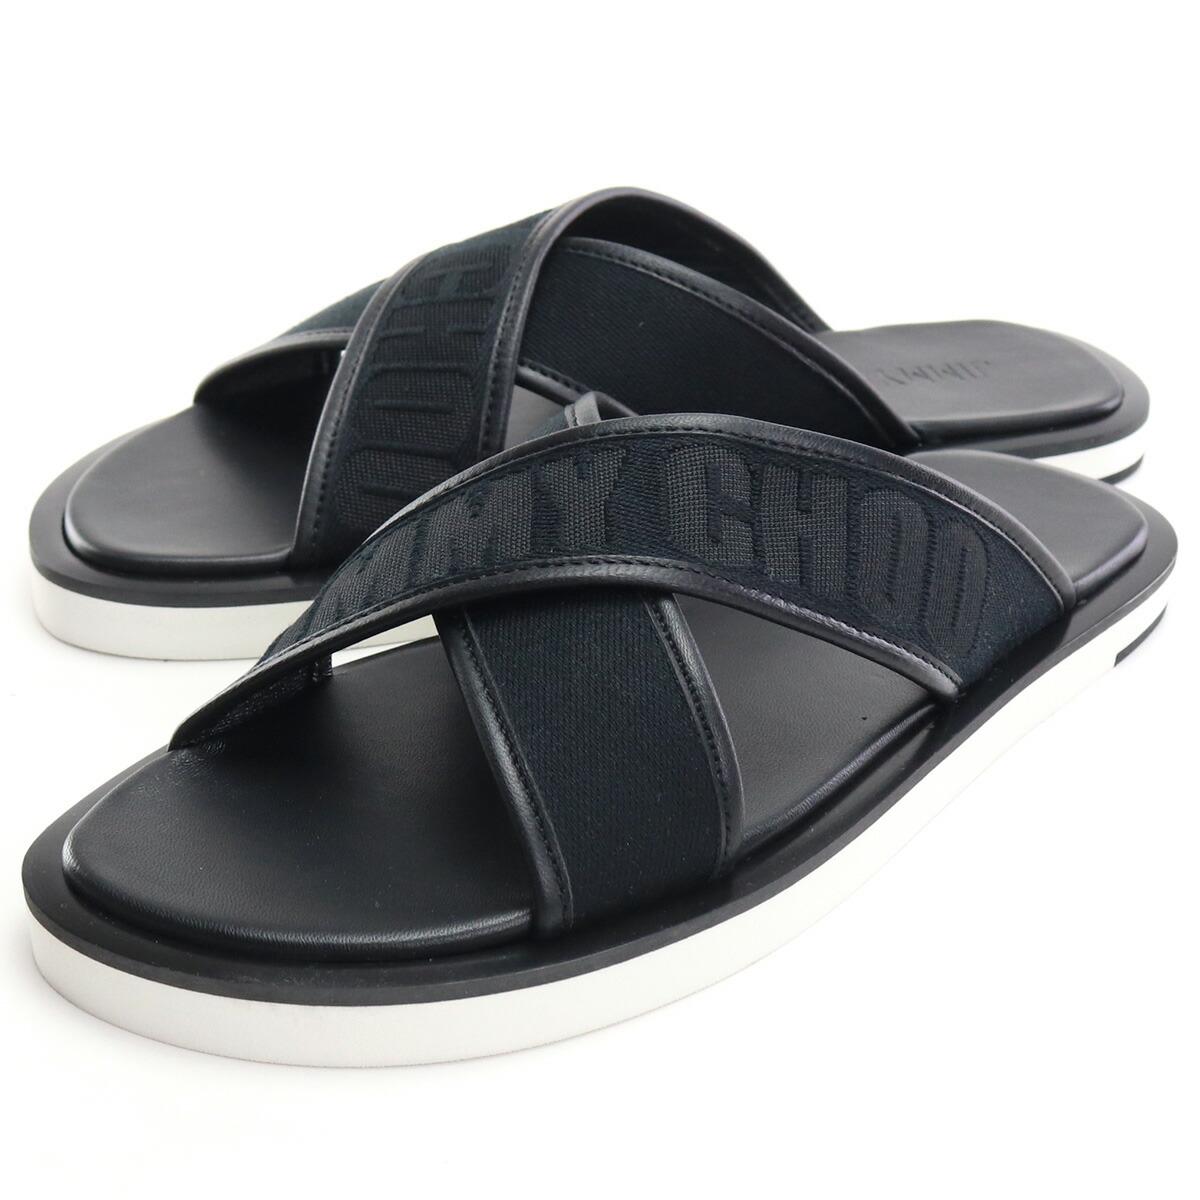 ジミーチュウ JIMMY CHOO  サンダル PALMO LBI 201 BLACK/BLACK ブラック bos-06 shoes-01